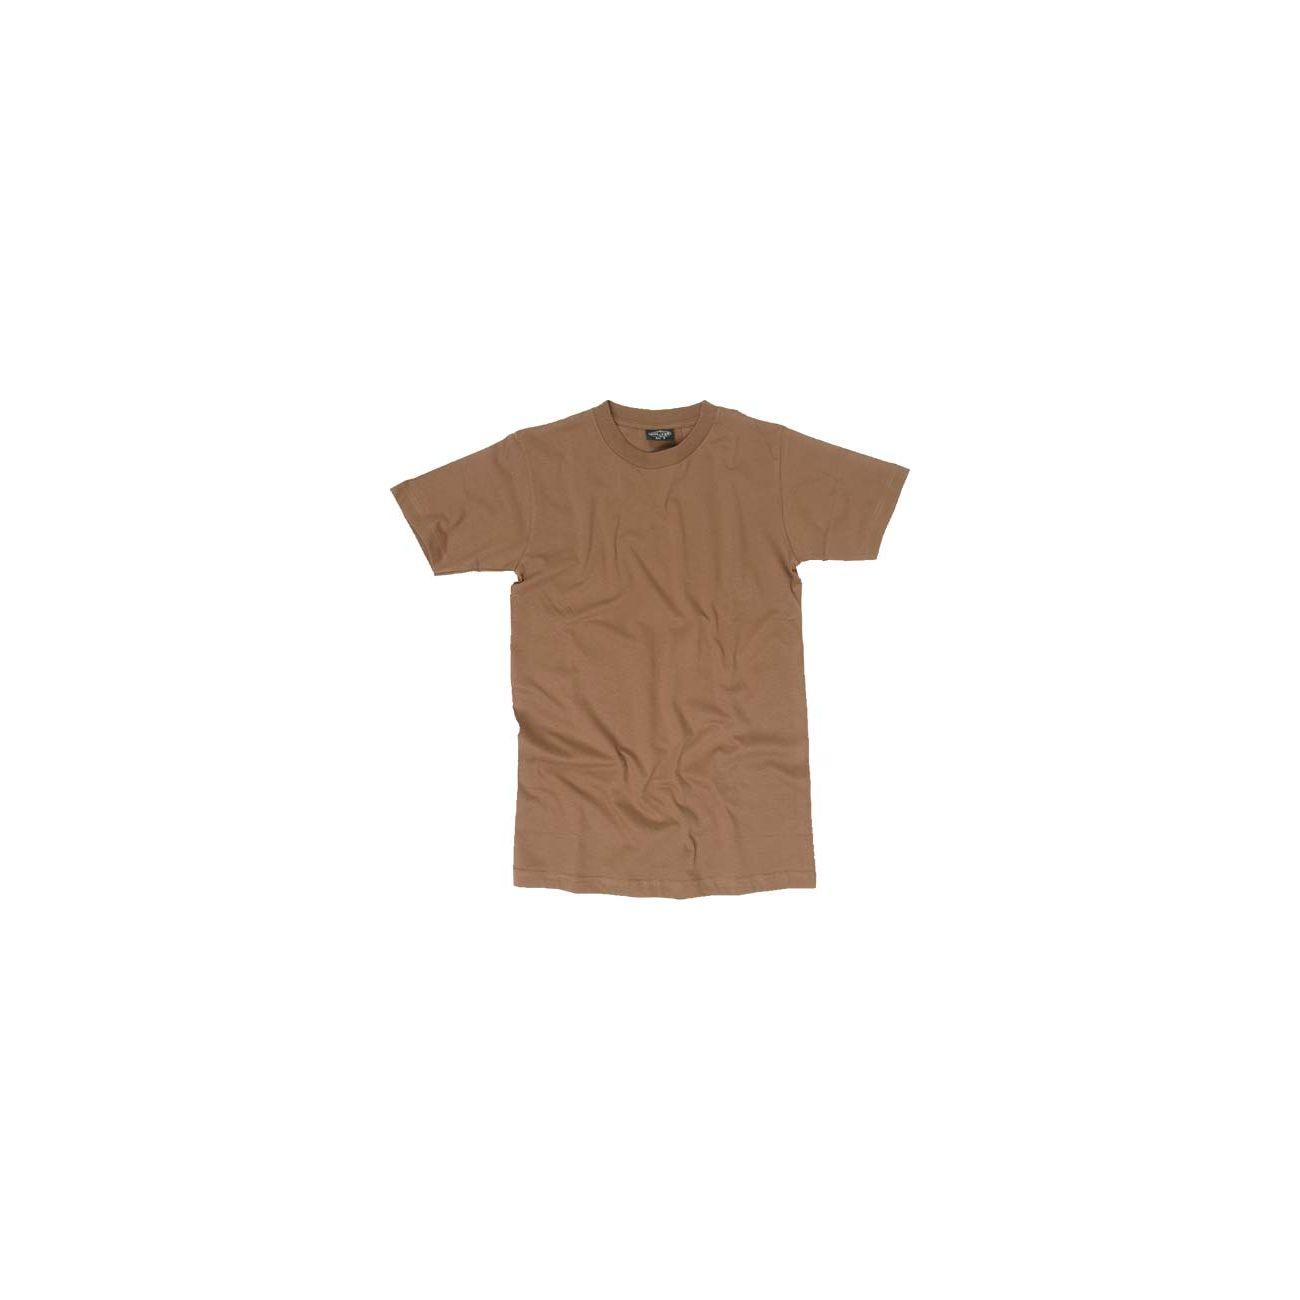 55cb81444a4ee9 T-Shirt BDU brown günstig kaufen - Kotte & Zeller